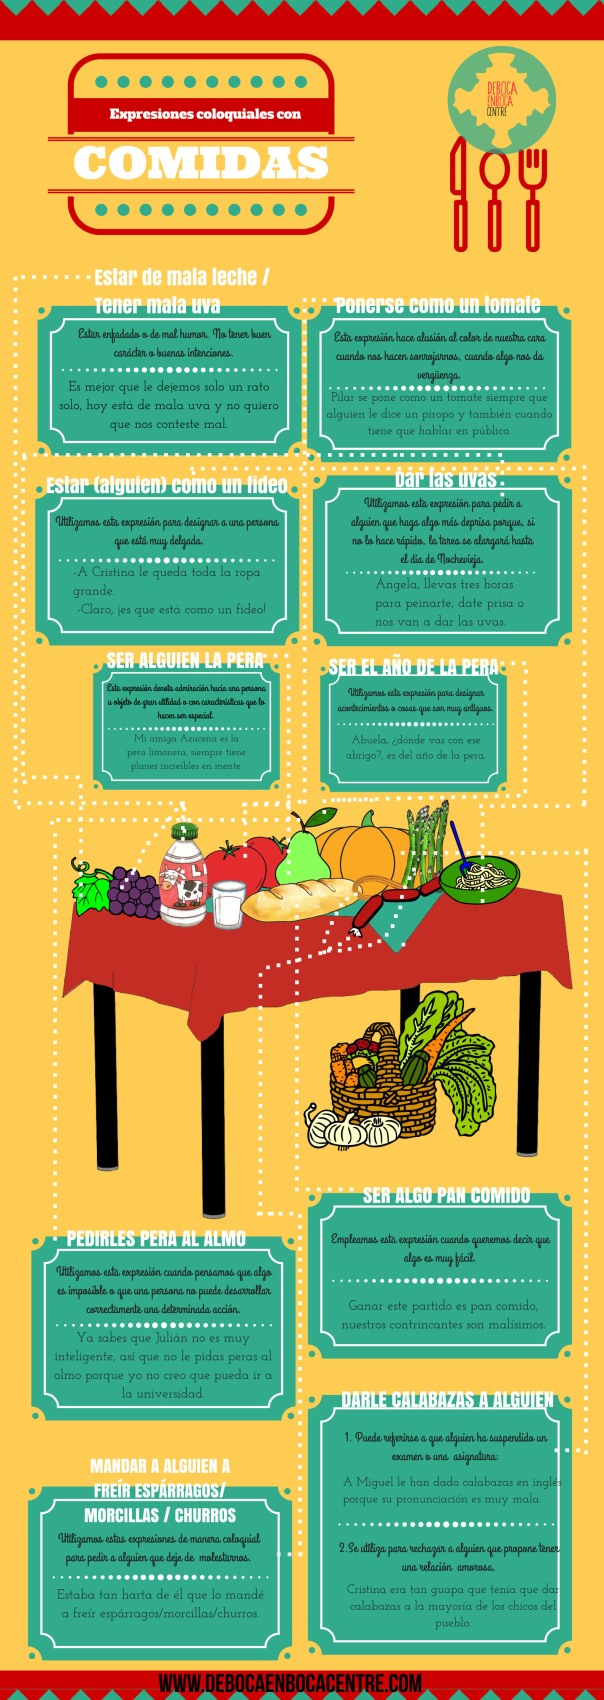 Expresiones coloquiales con comidas copy